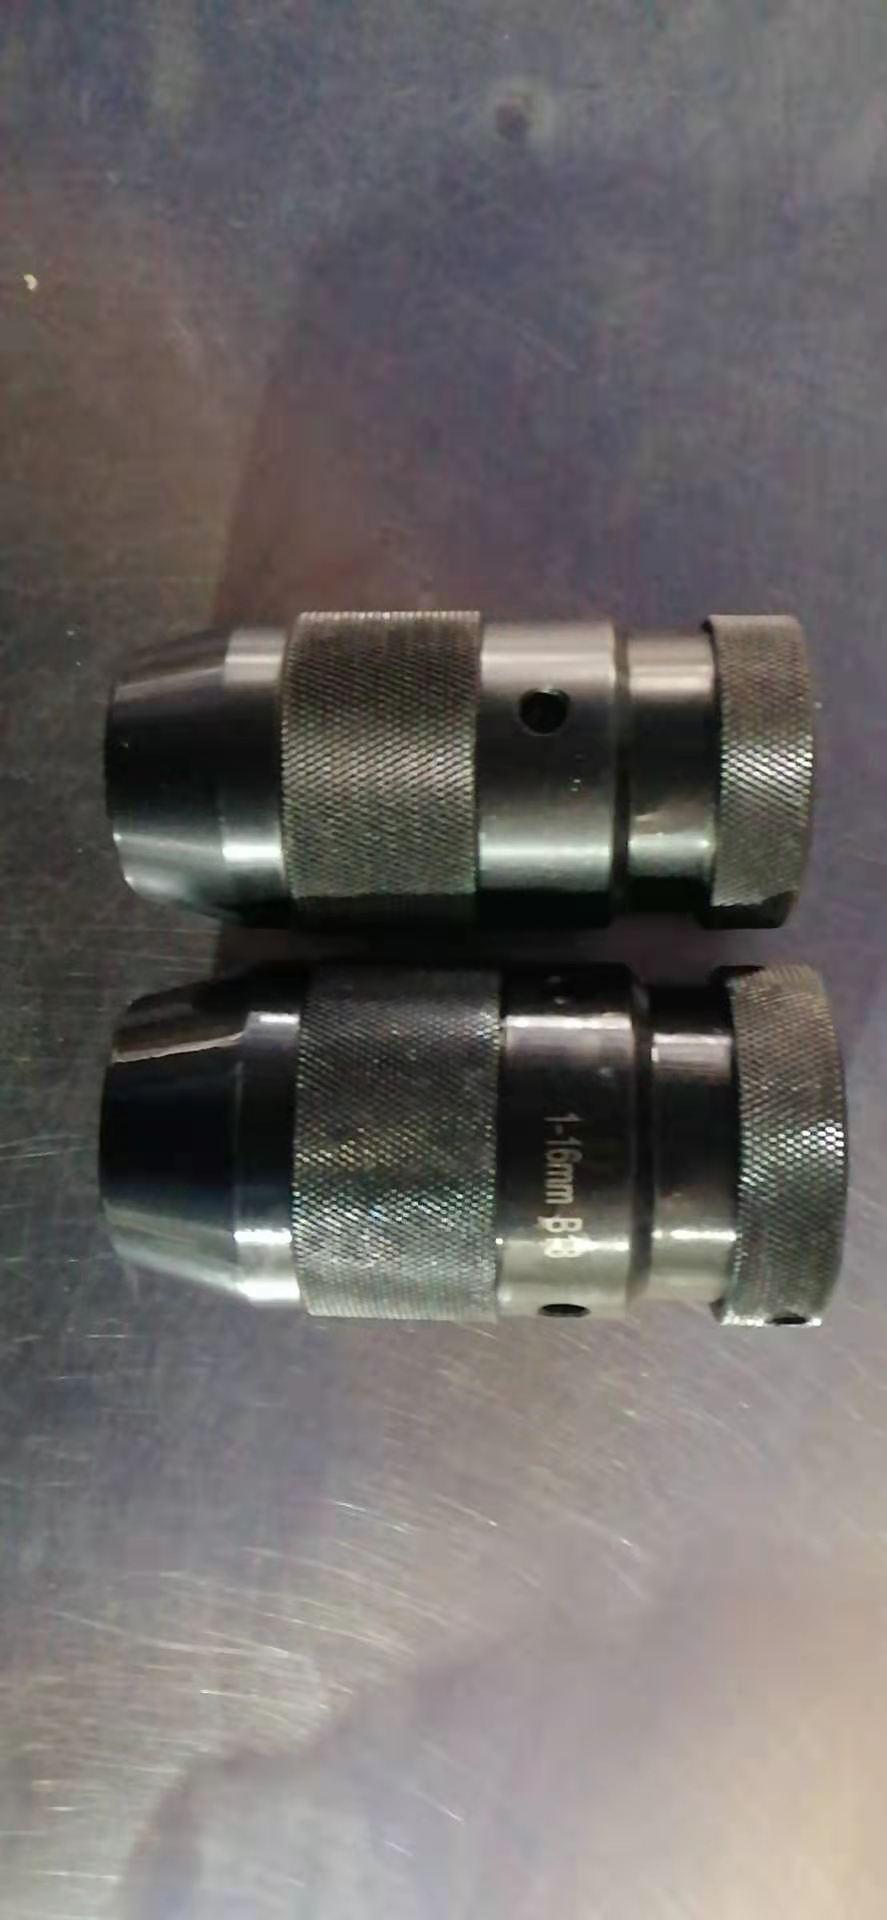 錐孔連接機床配件 自緊式鑽夾頭 數控加持鑽頭工具 4